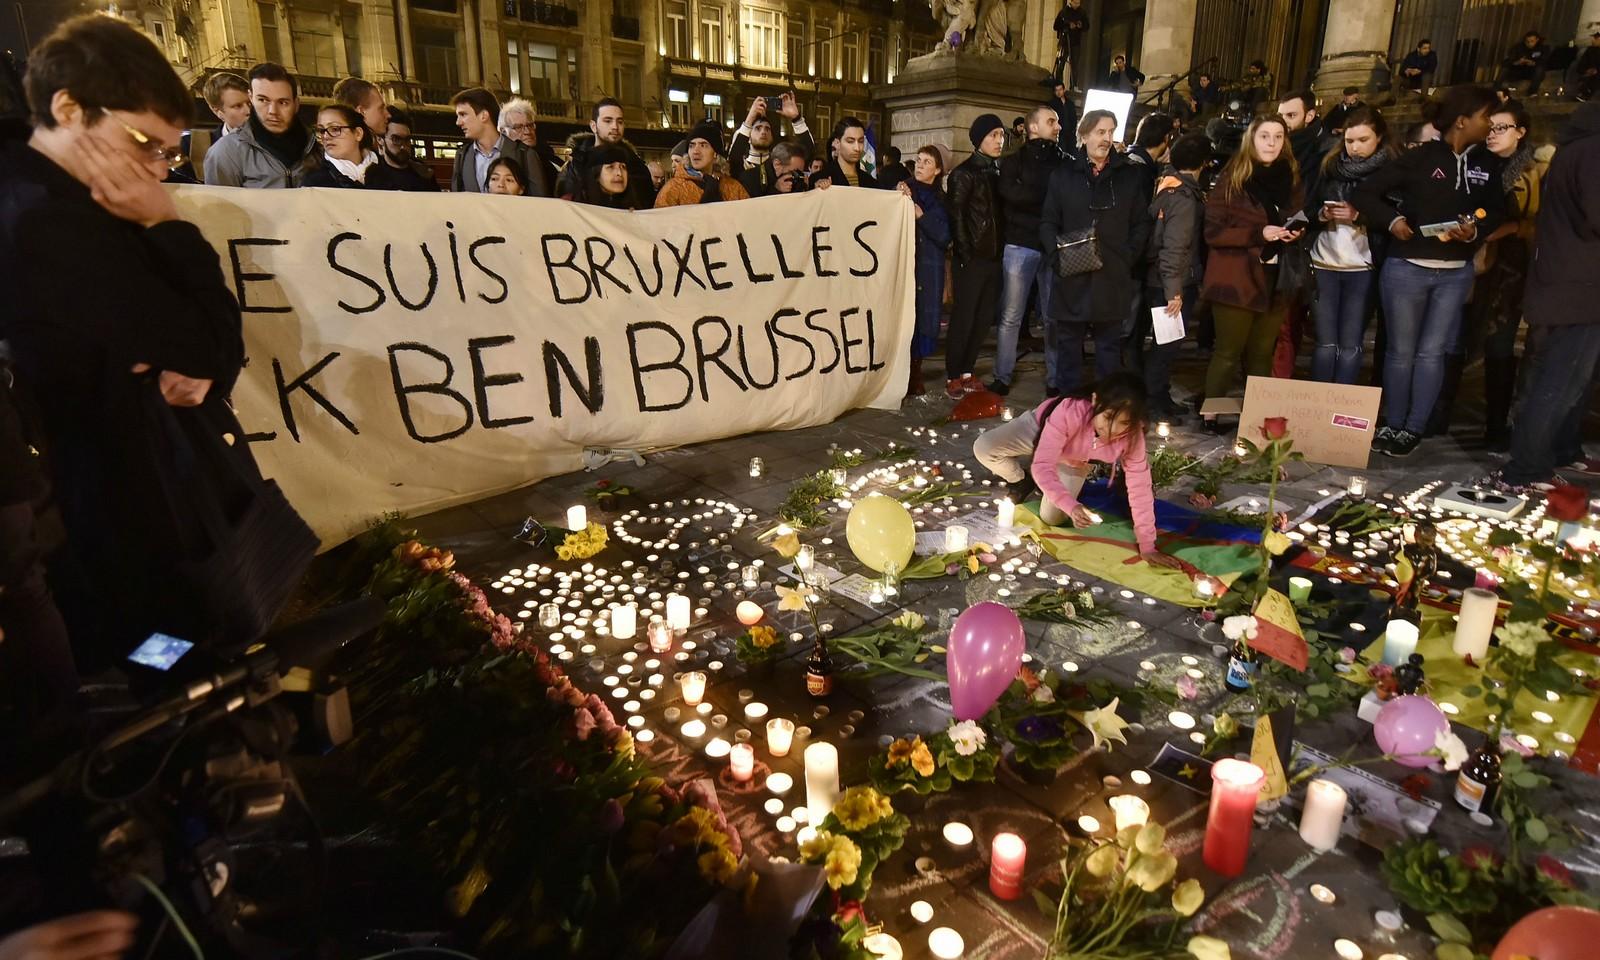 ¿Qué tan grande es la Red de Simpatizantes del ESTADO ISLÁMICO dentro de Europa?…